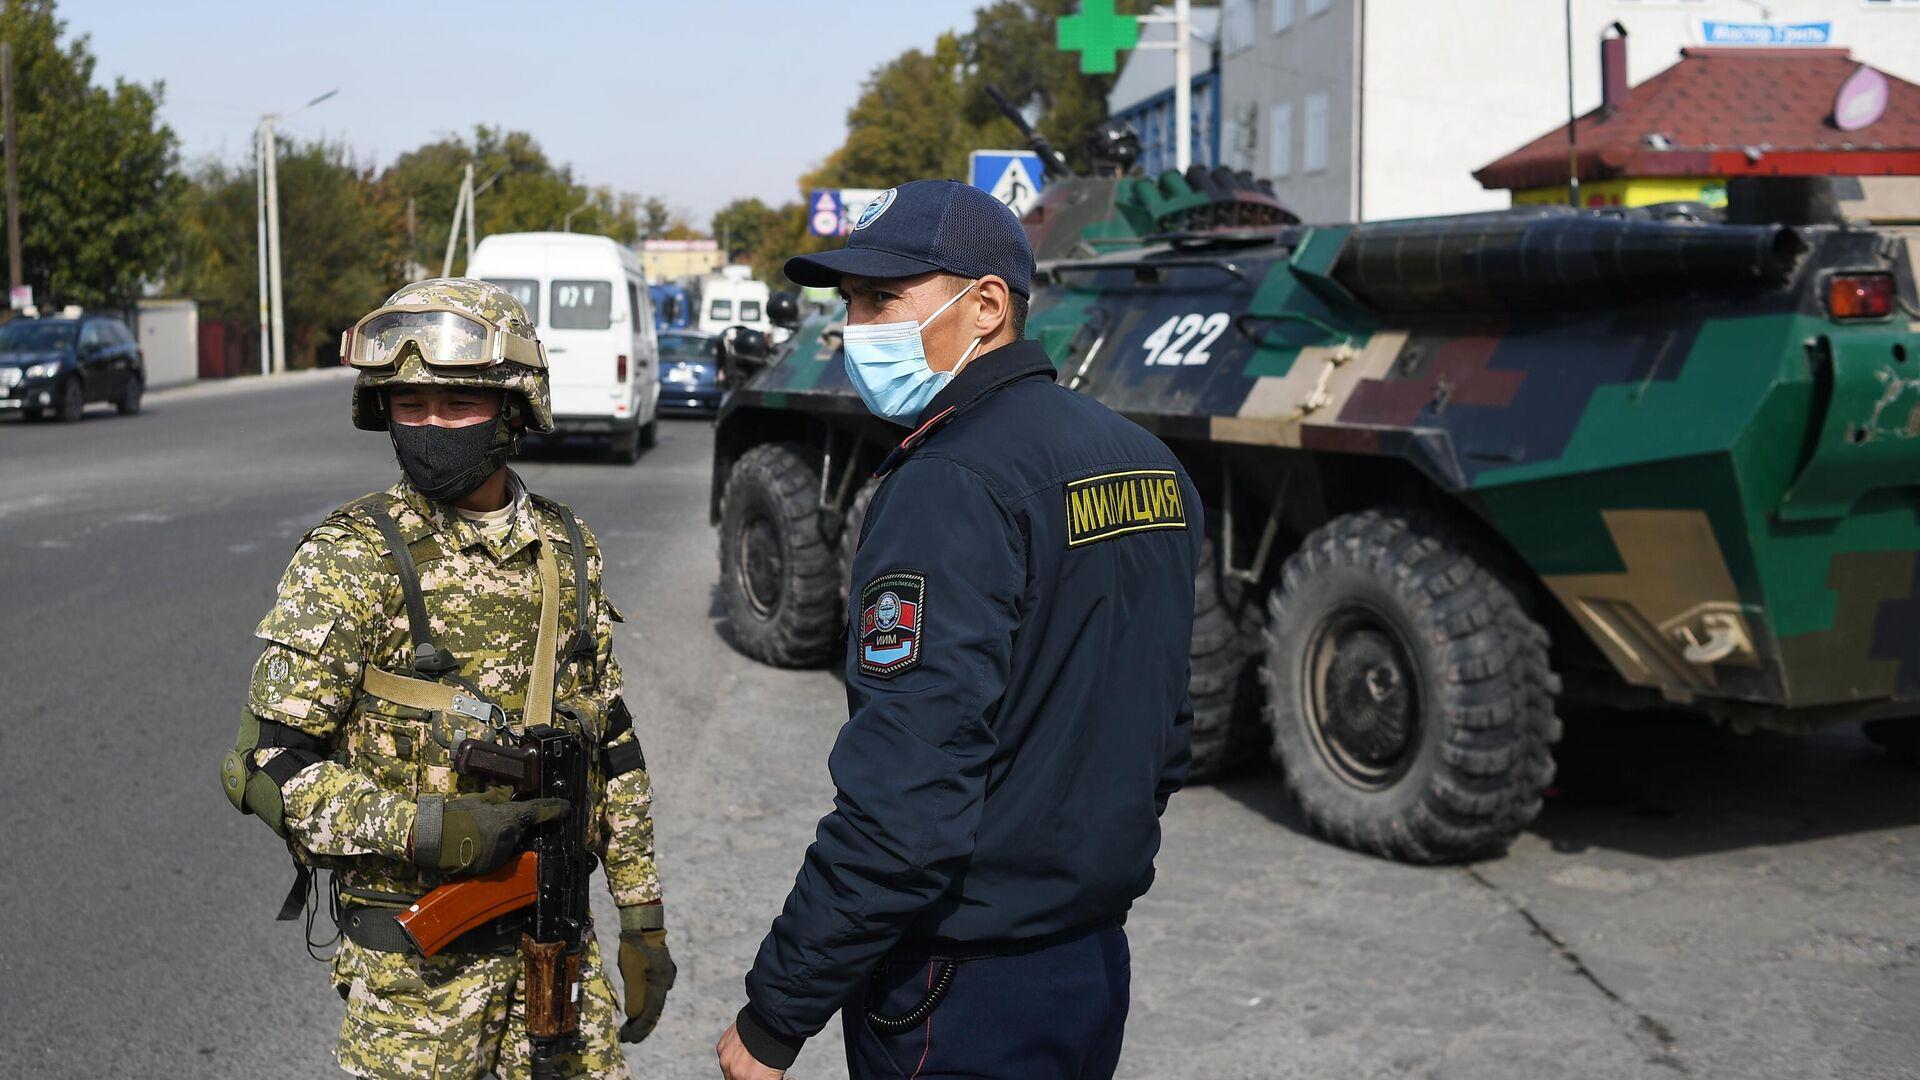 Военнослужащий вооруженных сил Киргизии и сотрудник правоохранительных органов в Бишкеке - РИА Новости, 1920, 12.10.2020